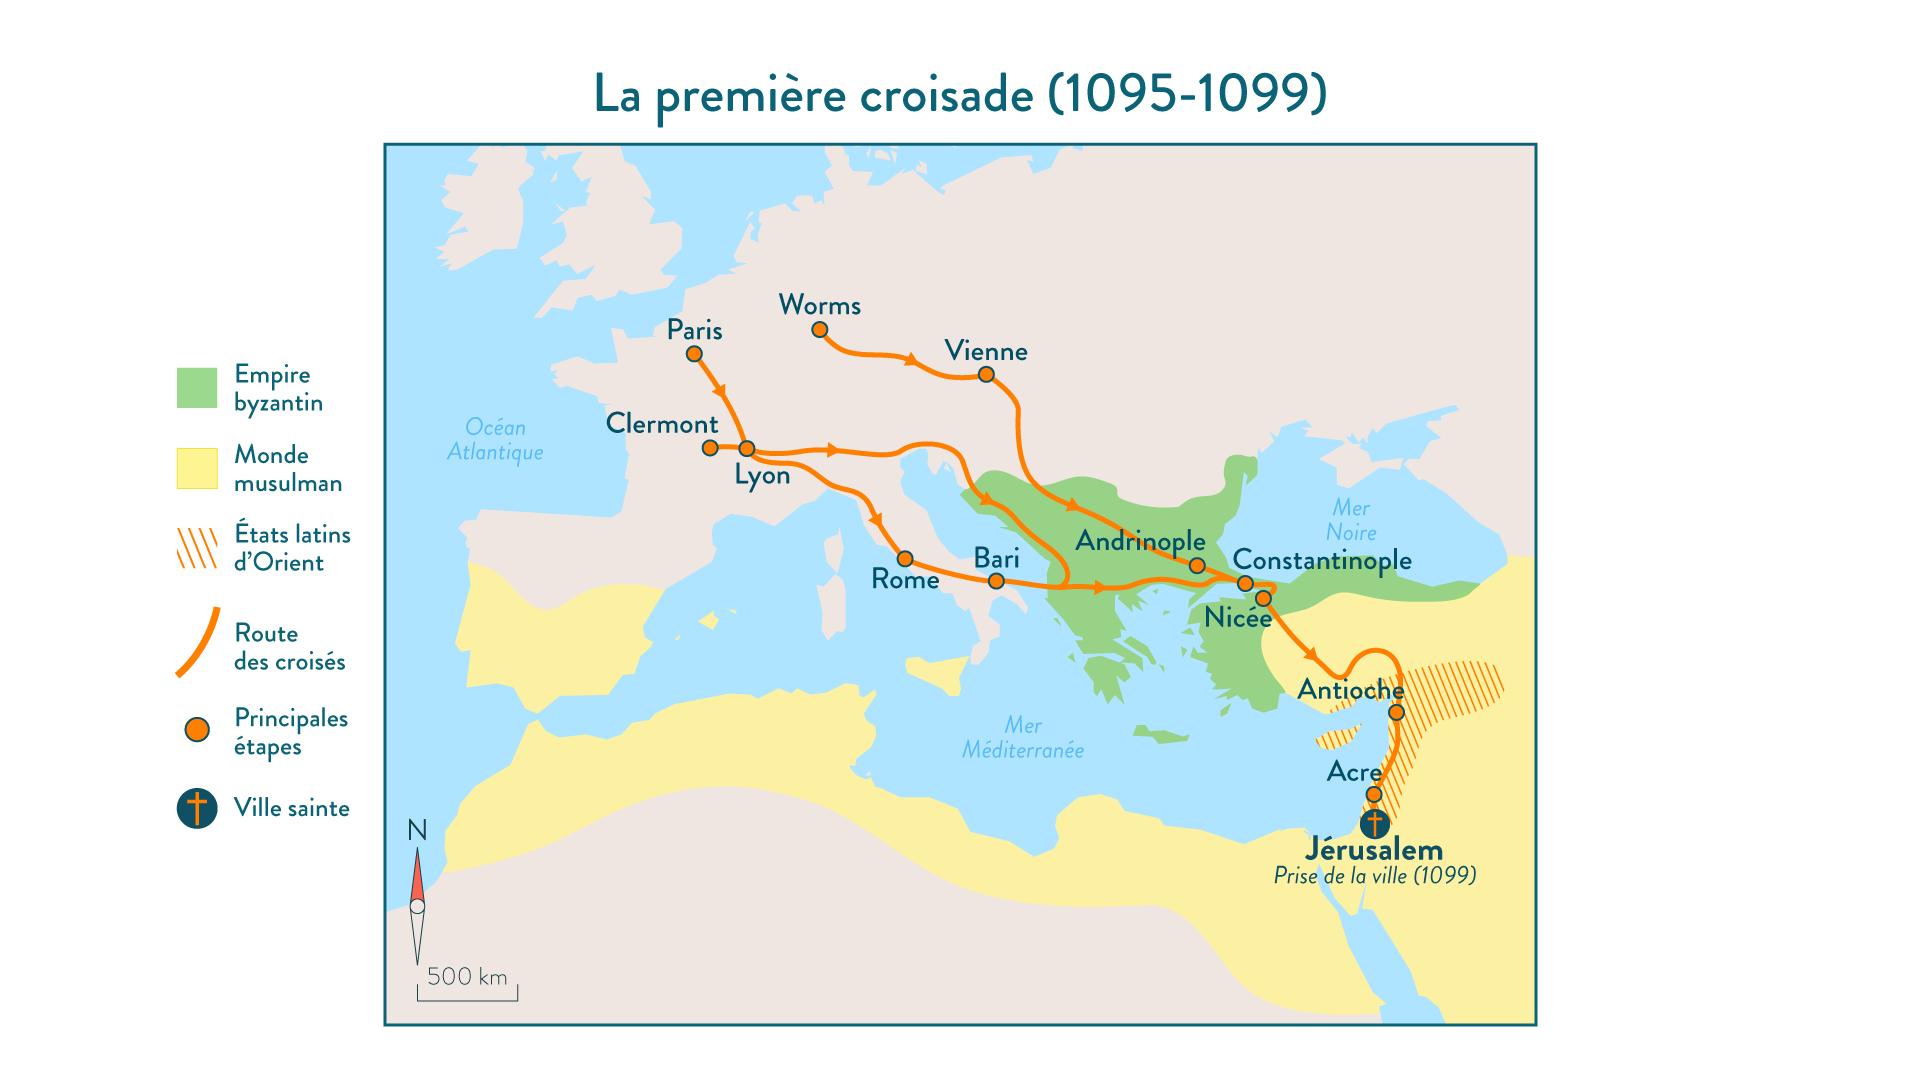 La première croisade (1095-1099) - 5e - histoire